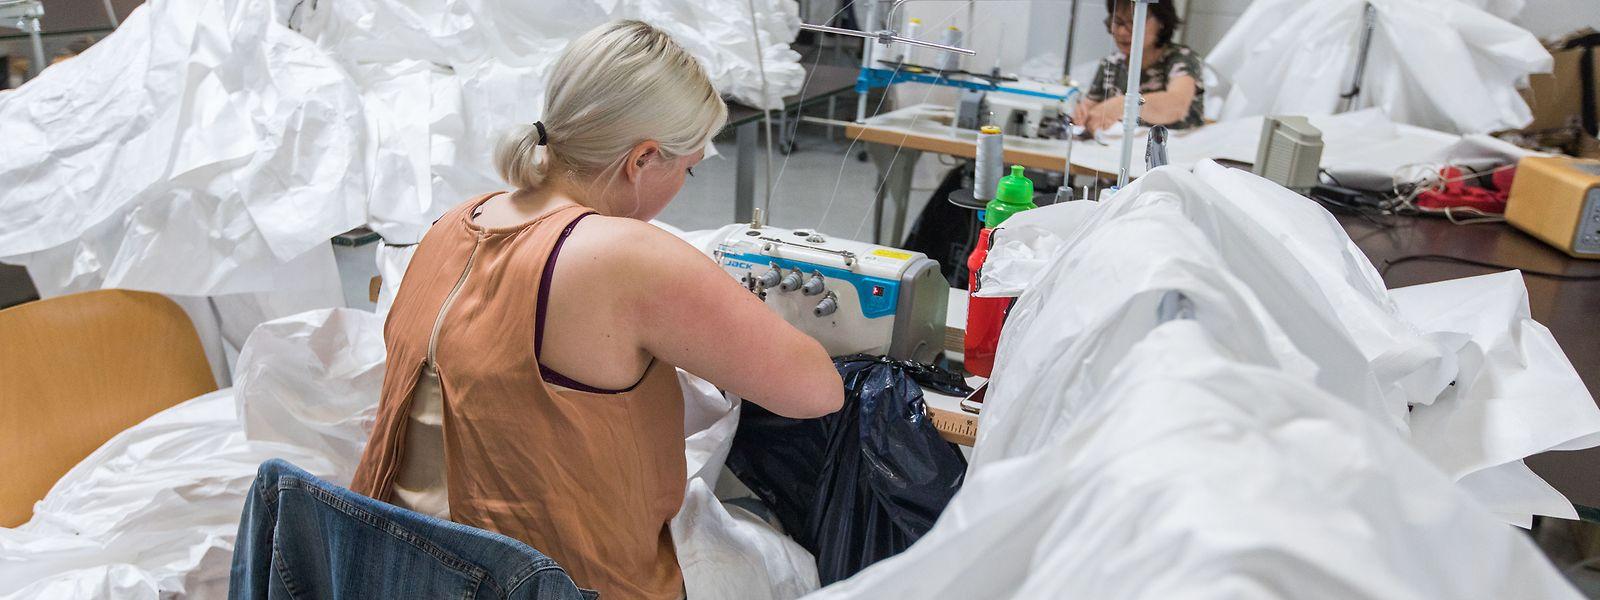 """Der Bereich """"Mode, Gesundheit und Hygiene"""" leidet besonders stark in der Krise."""